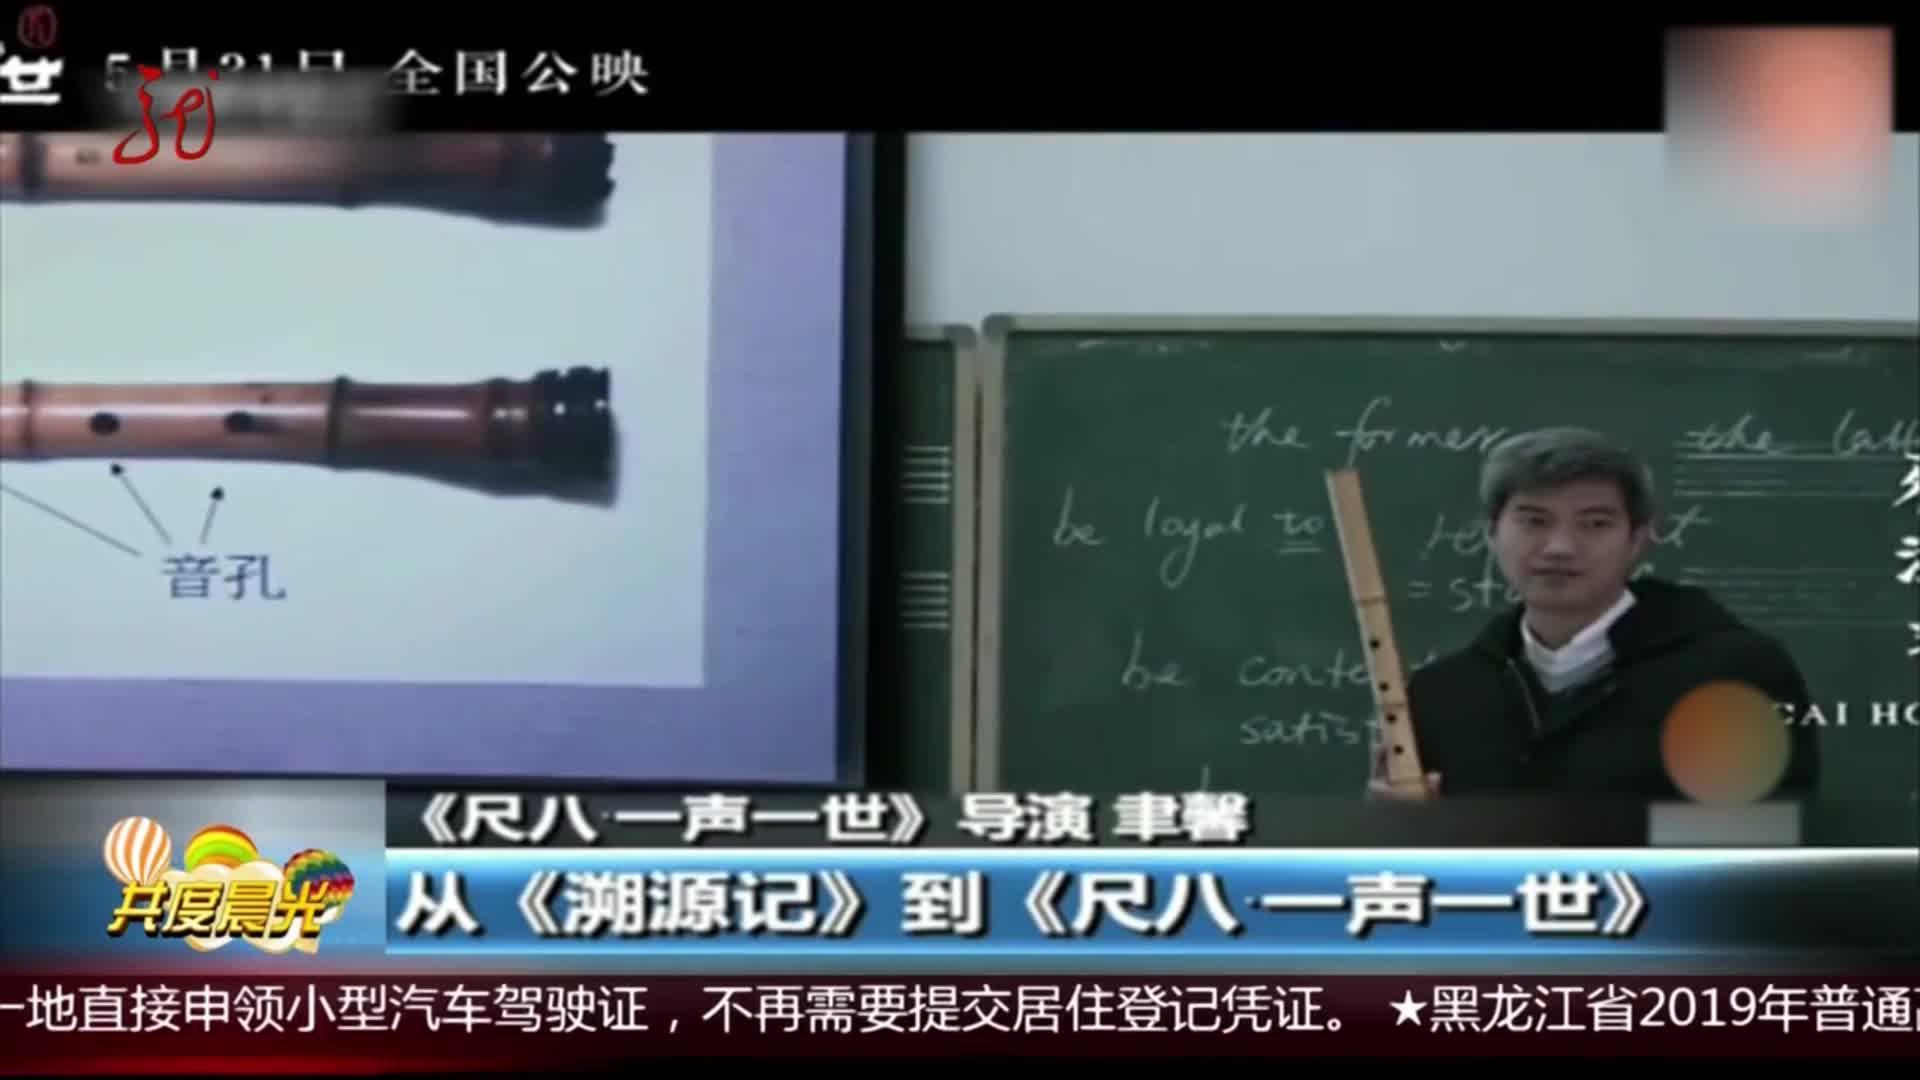 黑龙江卫视:从《溯源记》到《尺八·一声一世》共度晨光 190531